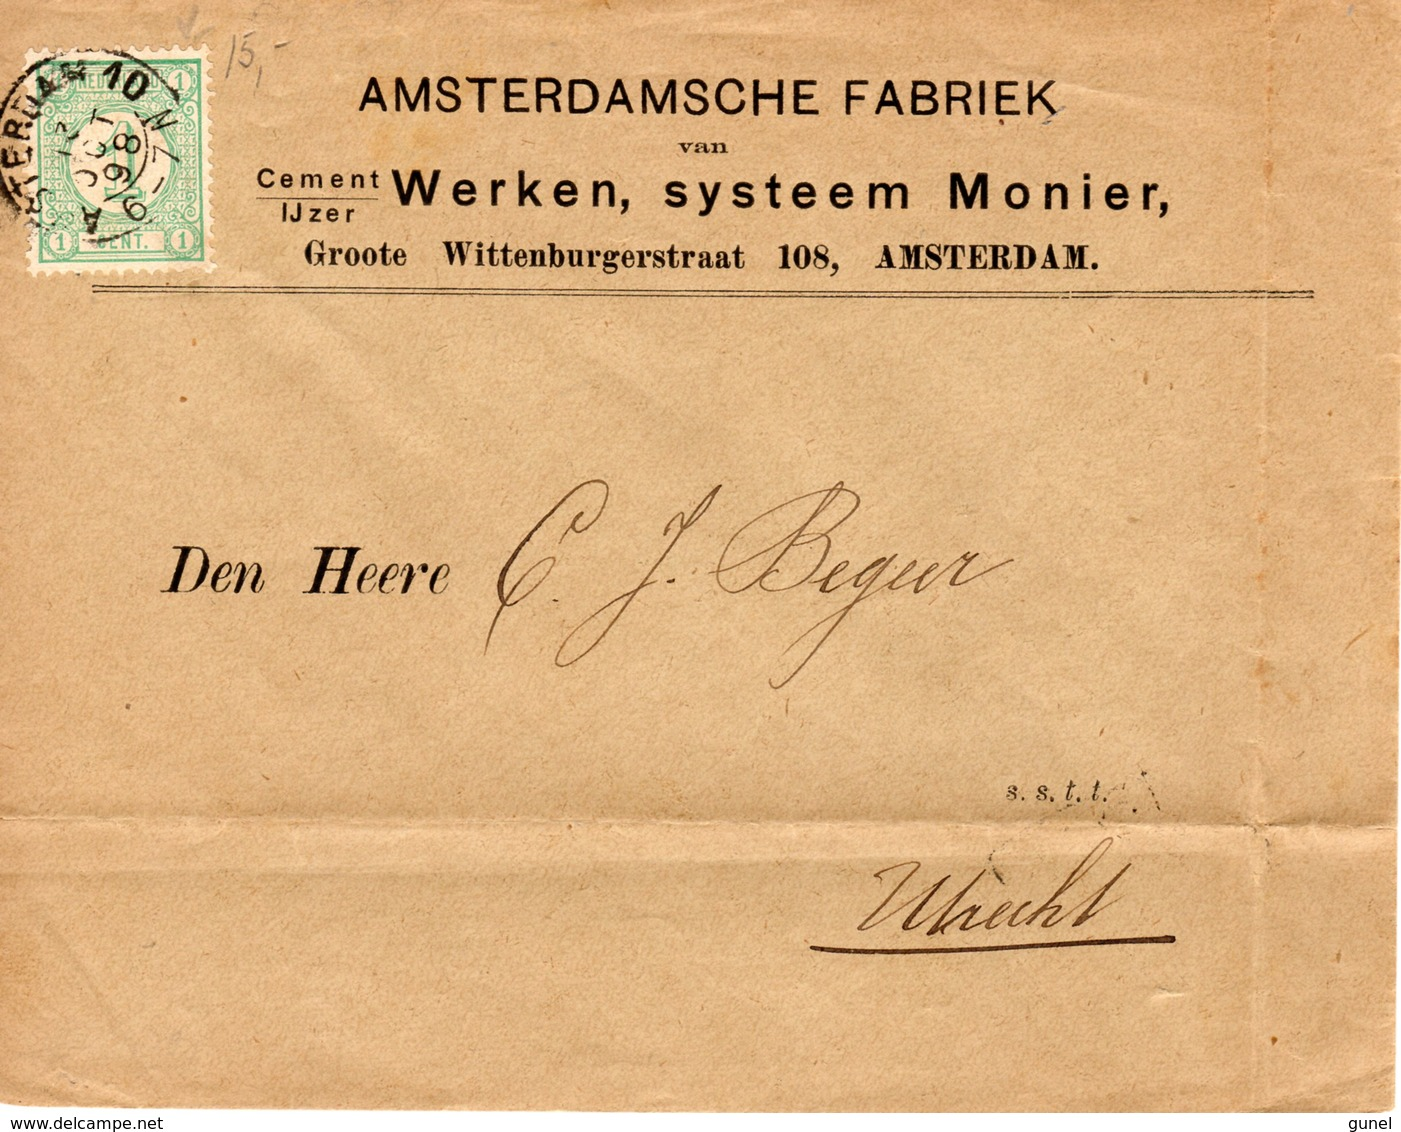 12 OCT 98 Drukwerk Met Firmalogo Met Kleinrond AMSTERDAM 10 Op NVPH31 Naar Utrecht - Periode 1891-1948 (Wilhelmina)